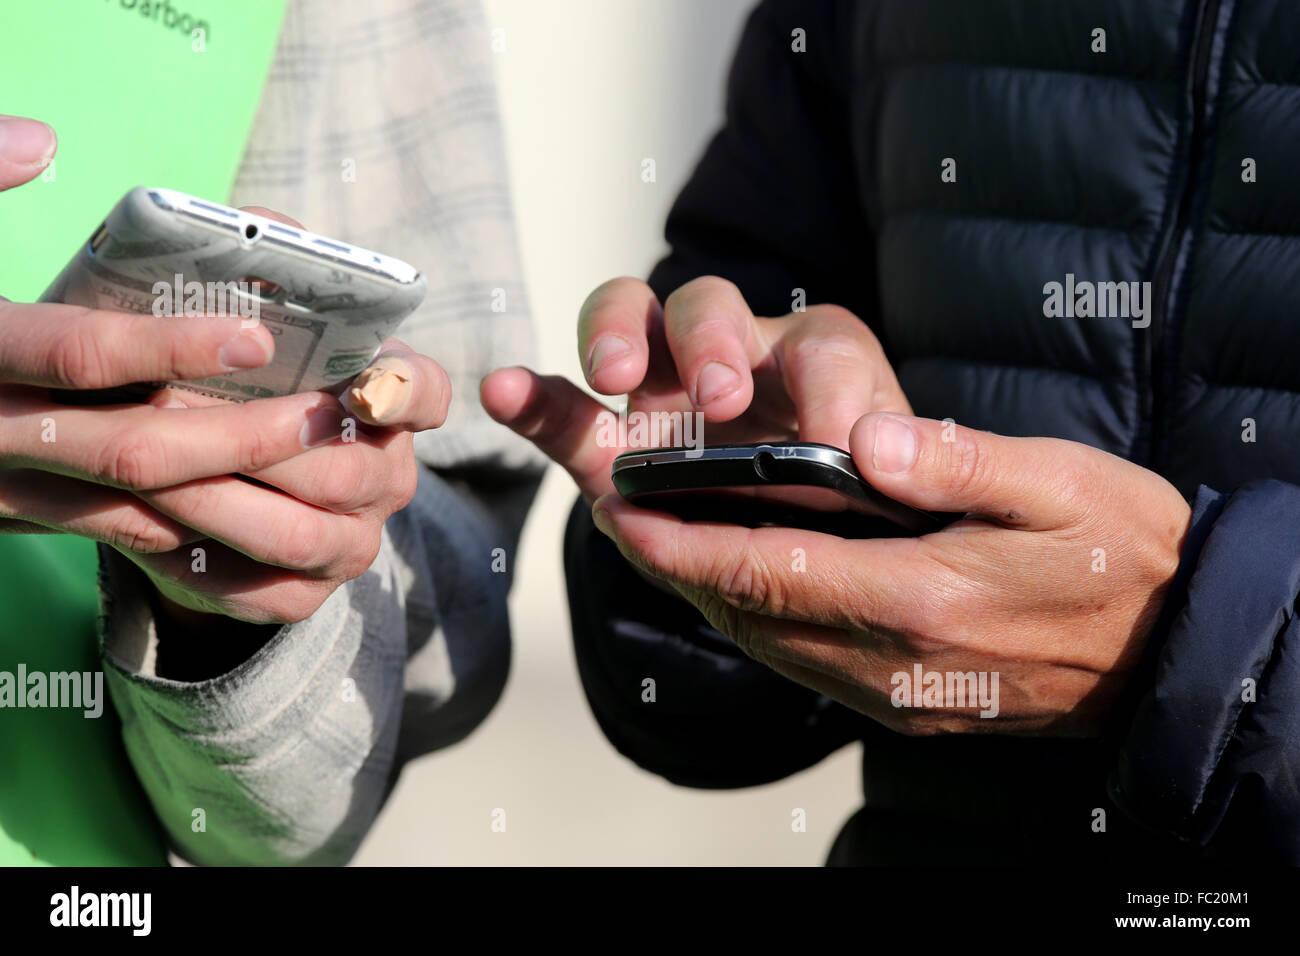 Men using Smartphones. - Stock Image